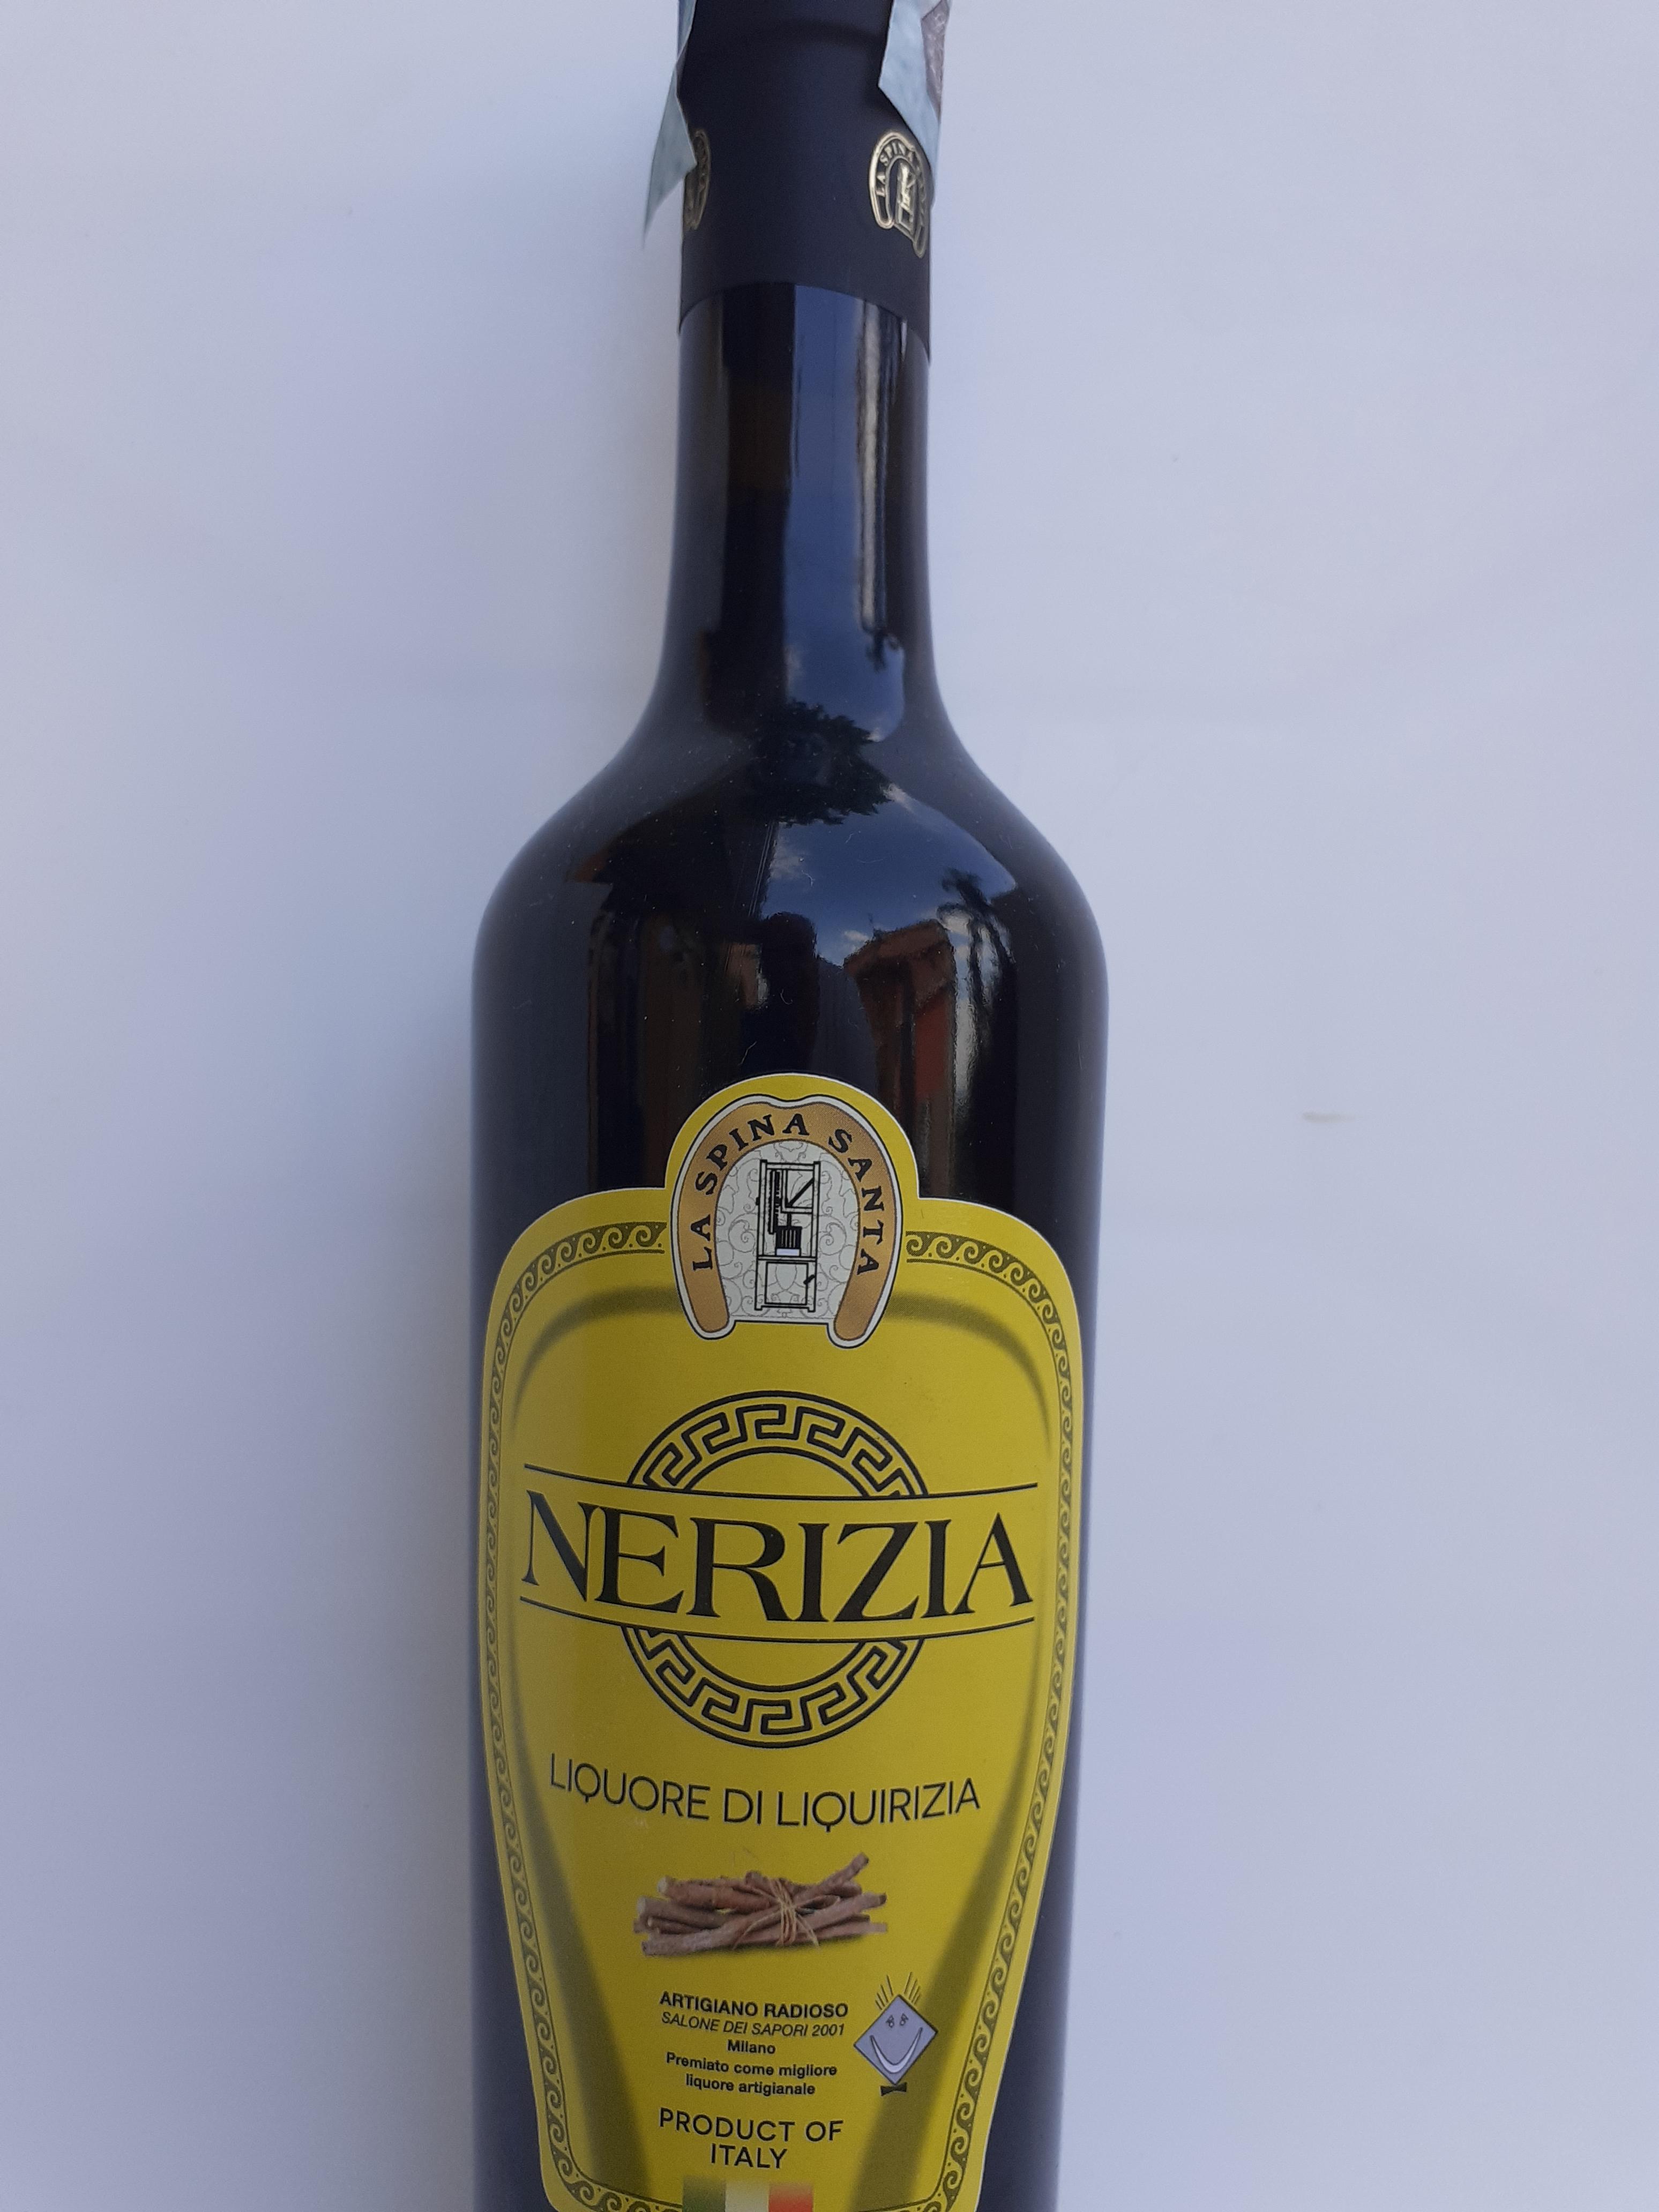 Liquore NERIZIA 50cl. Liquore fatto con puro estratto di liquirizia di Reggio Calabria, alcool neutro, acqua e zucchero. Ditta La Spina Santa Bova Marina (RC)